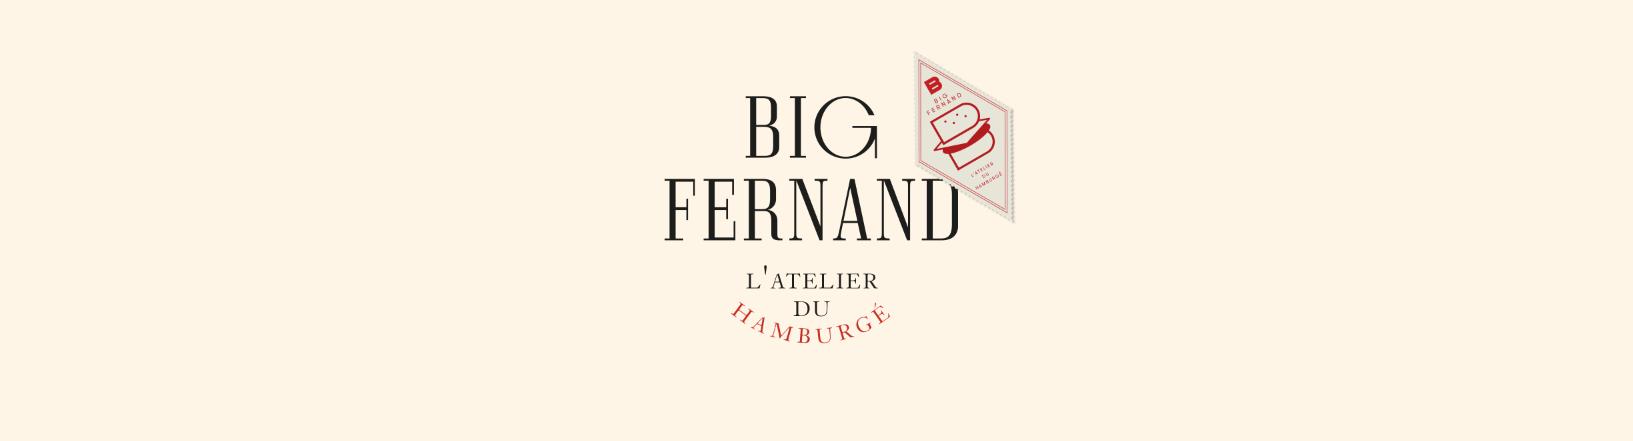 Big Fernand Restaurant Branding by Violaine & Jérémy